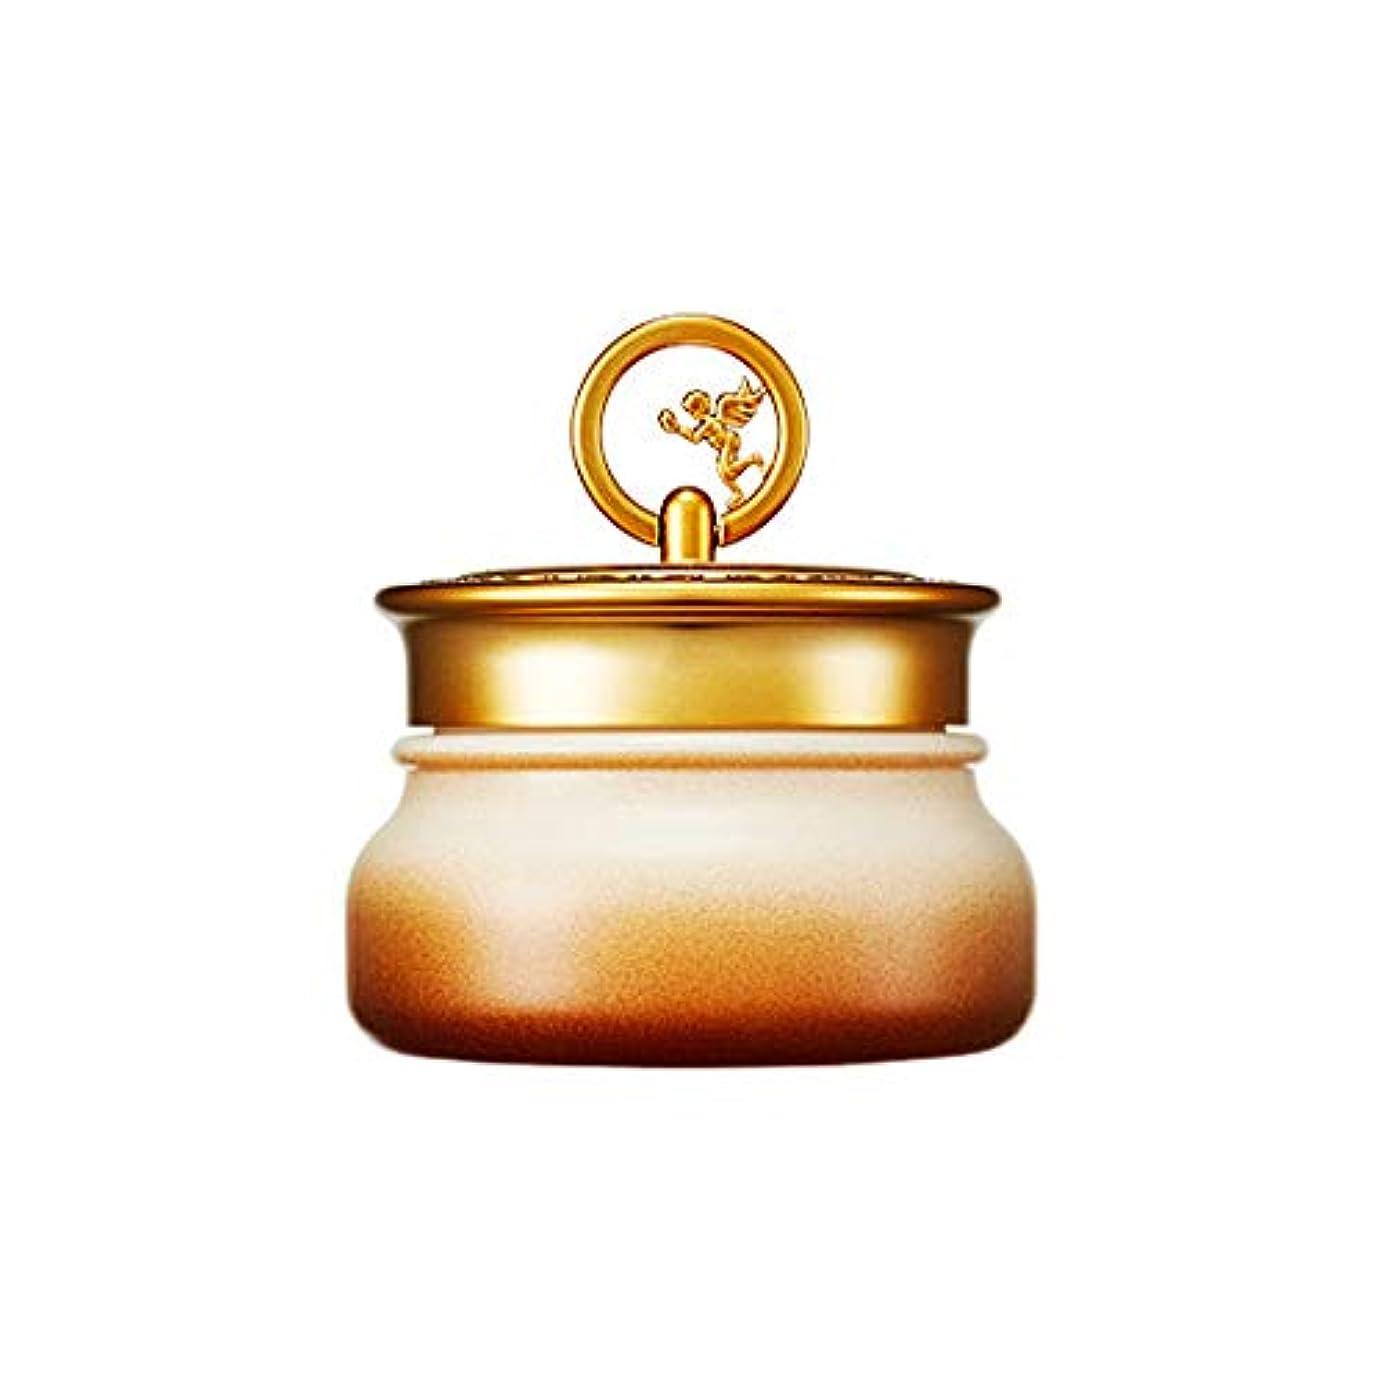 さびたエイリアン思慮深いSkinfood ゴールドキャビアクリーム(しわケア) / Gold Caviar Cream (wrinkle care) 45g [並行輸入品]